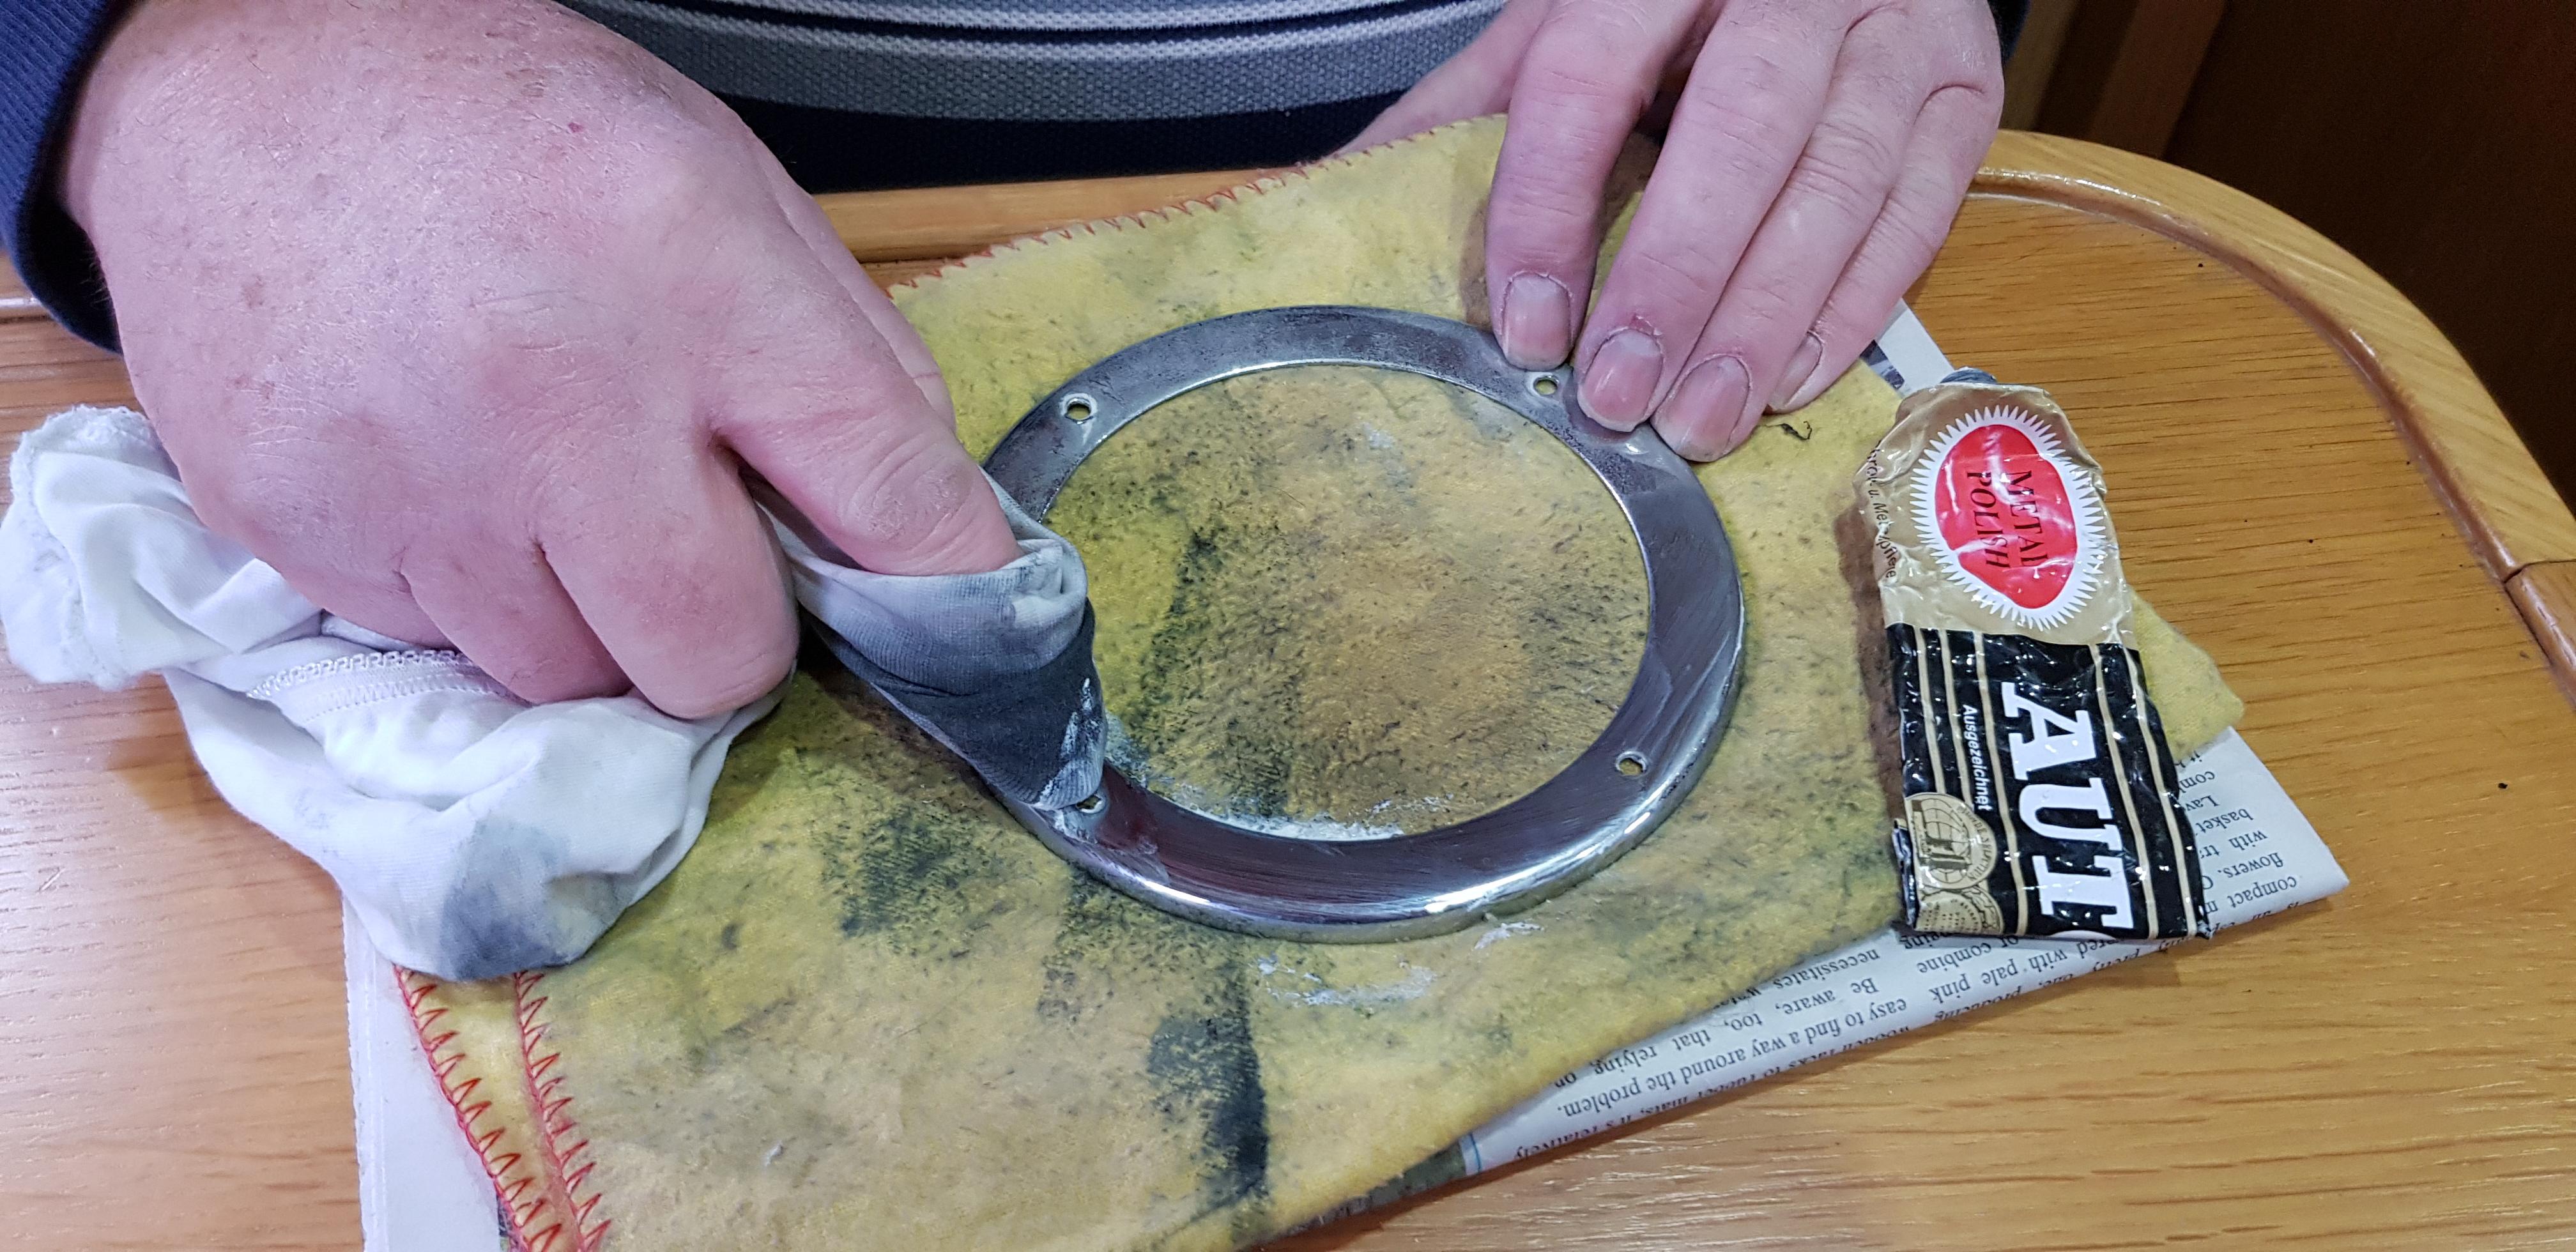 clean the chrome disk